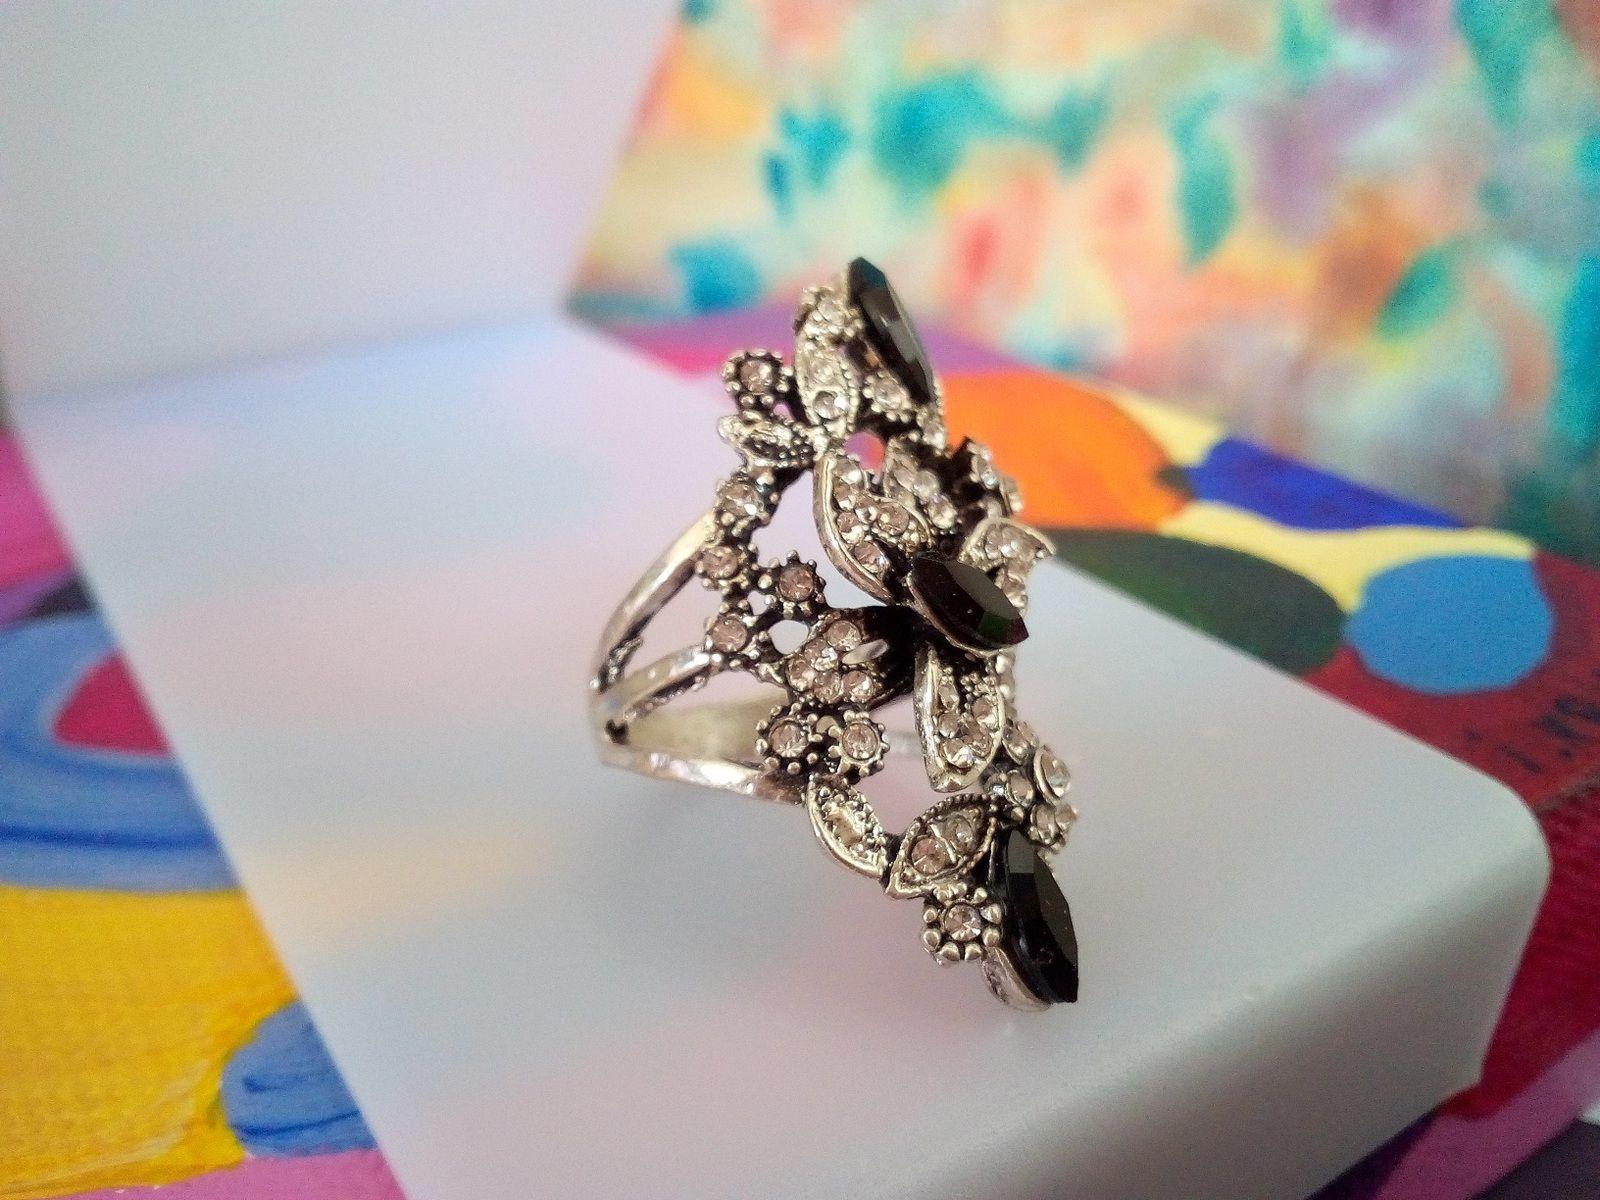 bague argent tibetain avec strass cristal noir et diamant gris fleuri marquise,anneau ferme taille 53 fr,cadeau fate anniversaire noel,st valentin,bijou baroque rococo,victorien boheme gothique